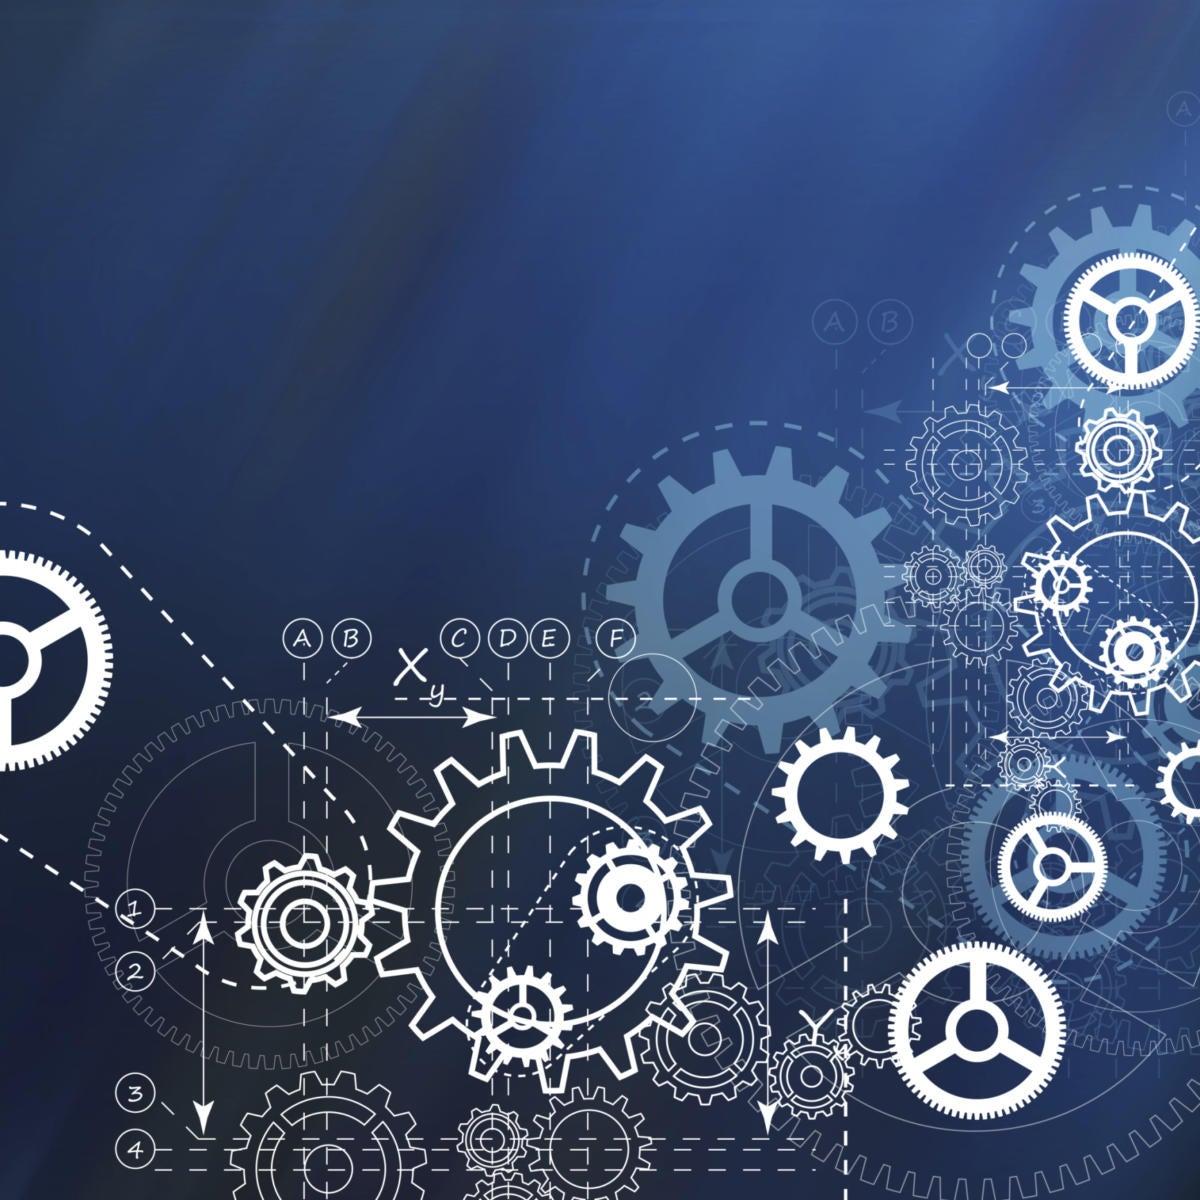 engineers succeeding as IT leaders